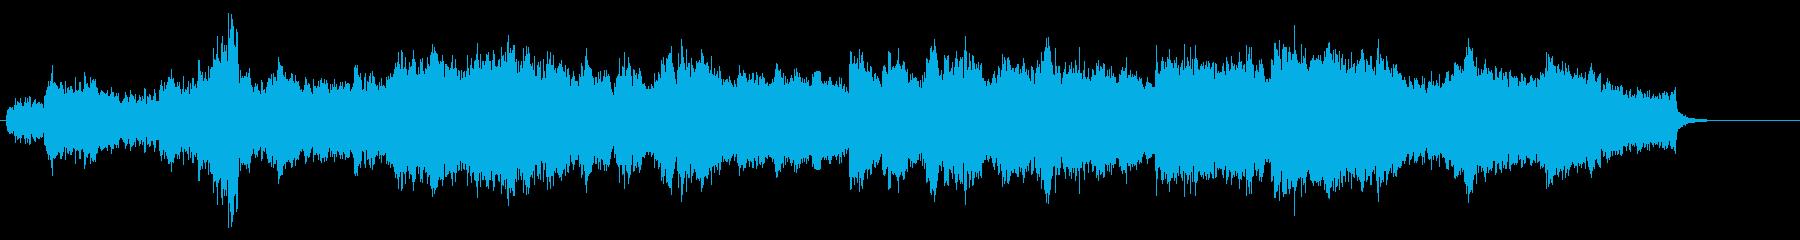 シュールな感触を極めたシンフォニックの再生済みの波形